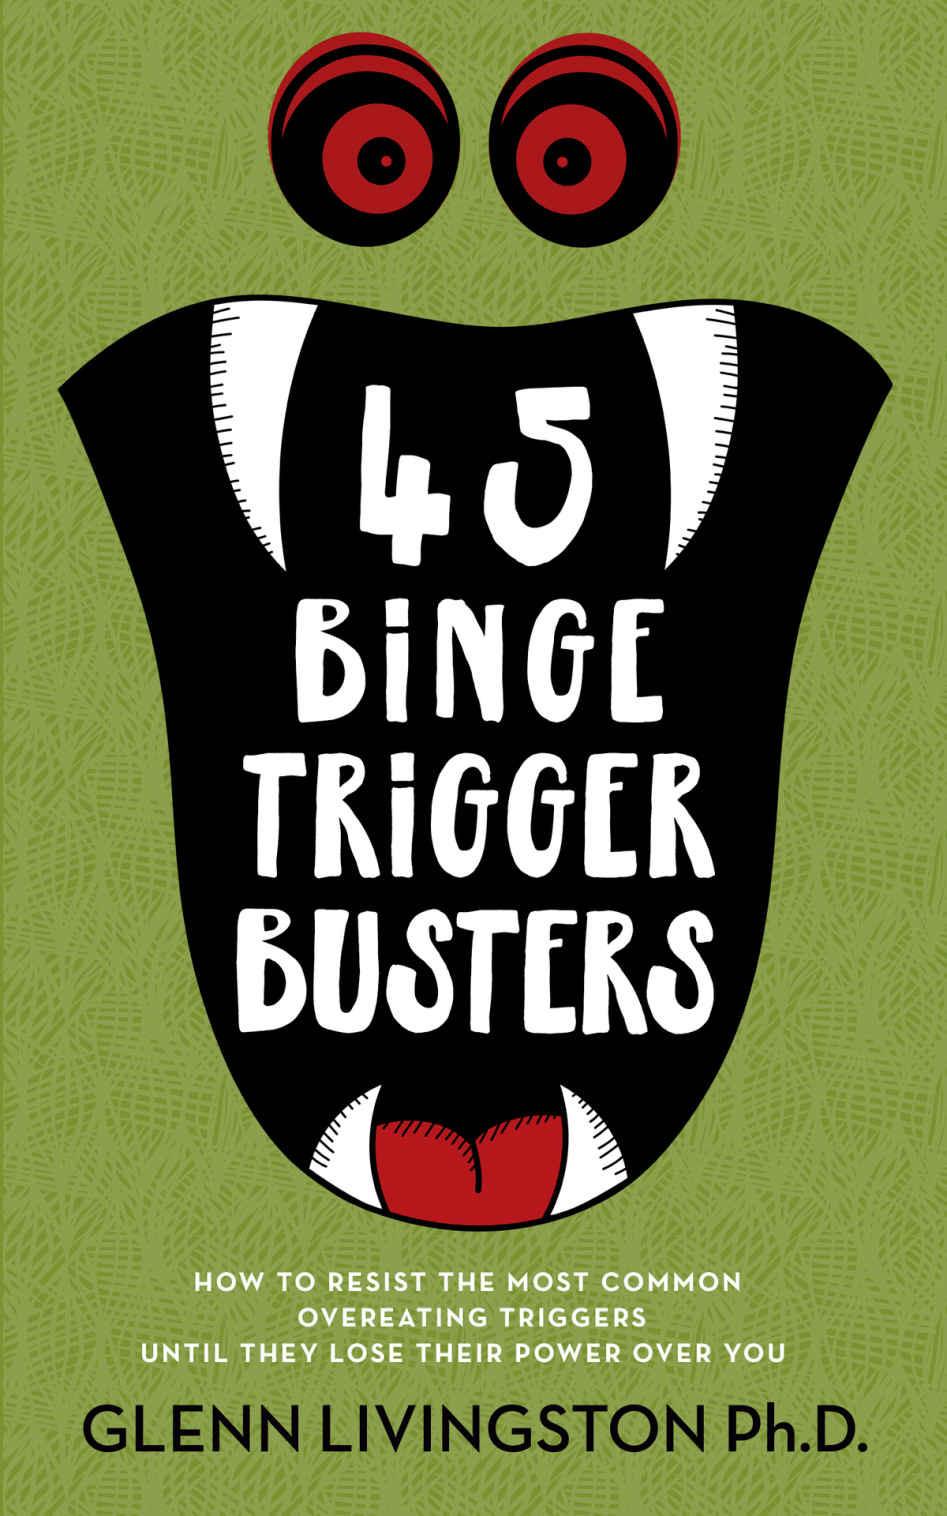 45 Binge Trigger Busters   Dr. Glenn Livingston